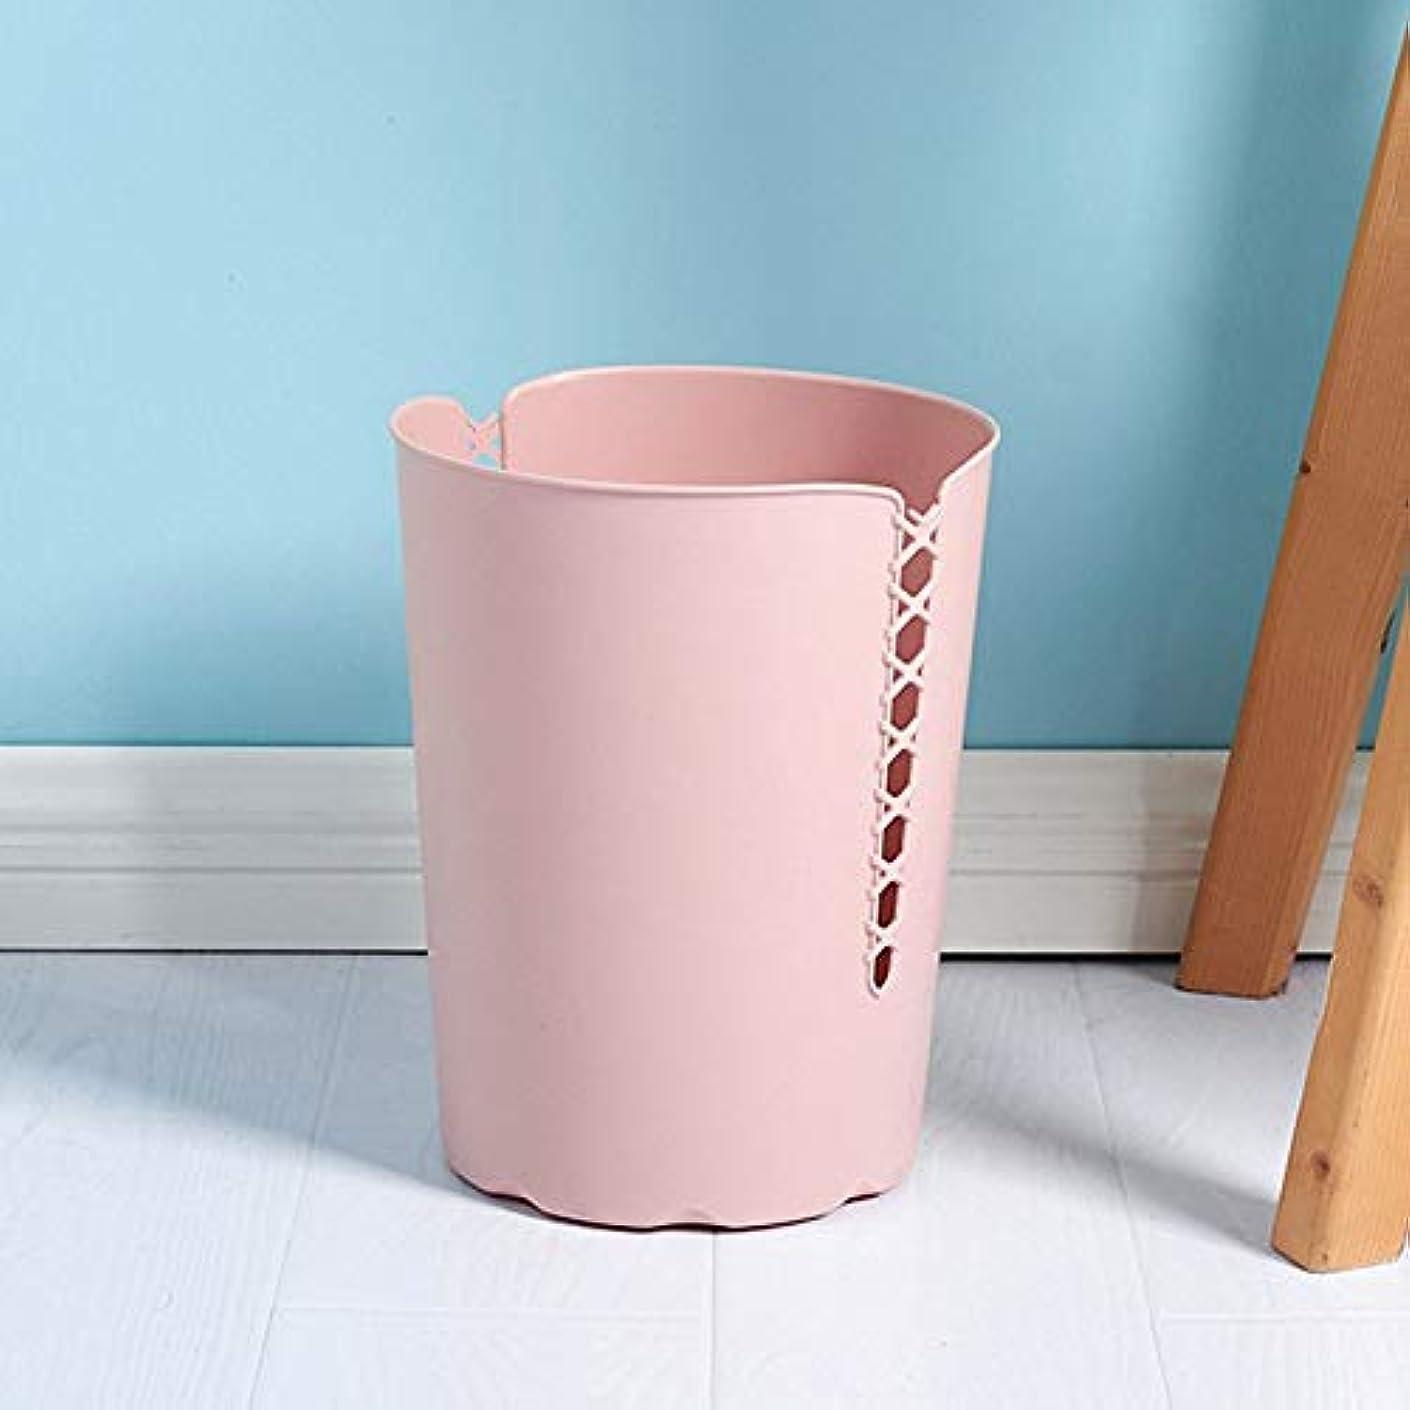 ラオハオポータブルゴミ箱 かわいいセーターバックルのプラスチック製ゴミ箱収納用ゴミ箱家庭用バスルームキッチンリビングルーム収納用ゴミ箱篓複数選択 ラオハオポータブルゴミ箱 (Color : Pink)